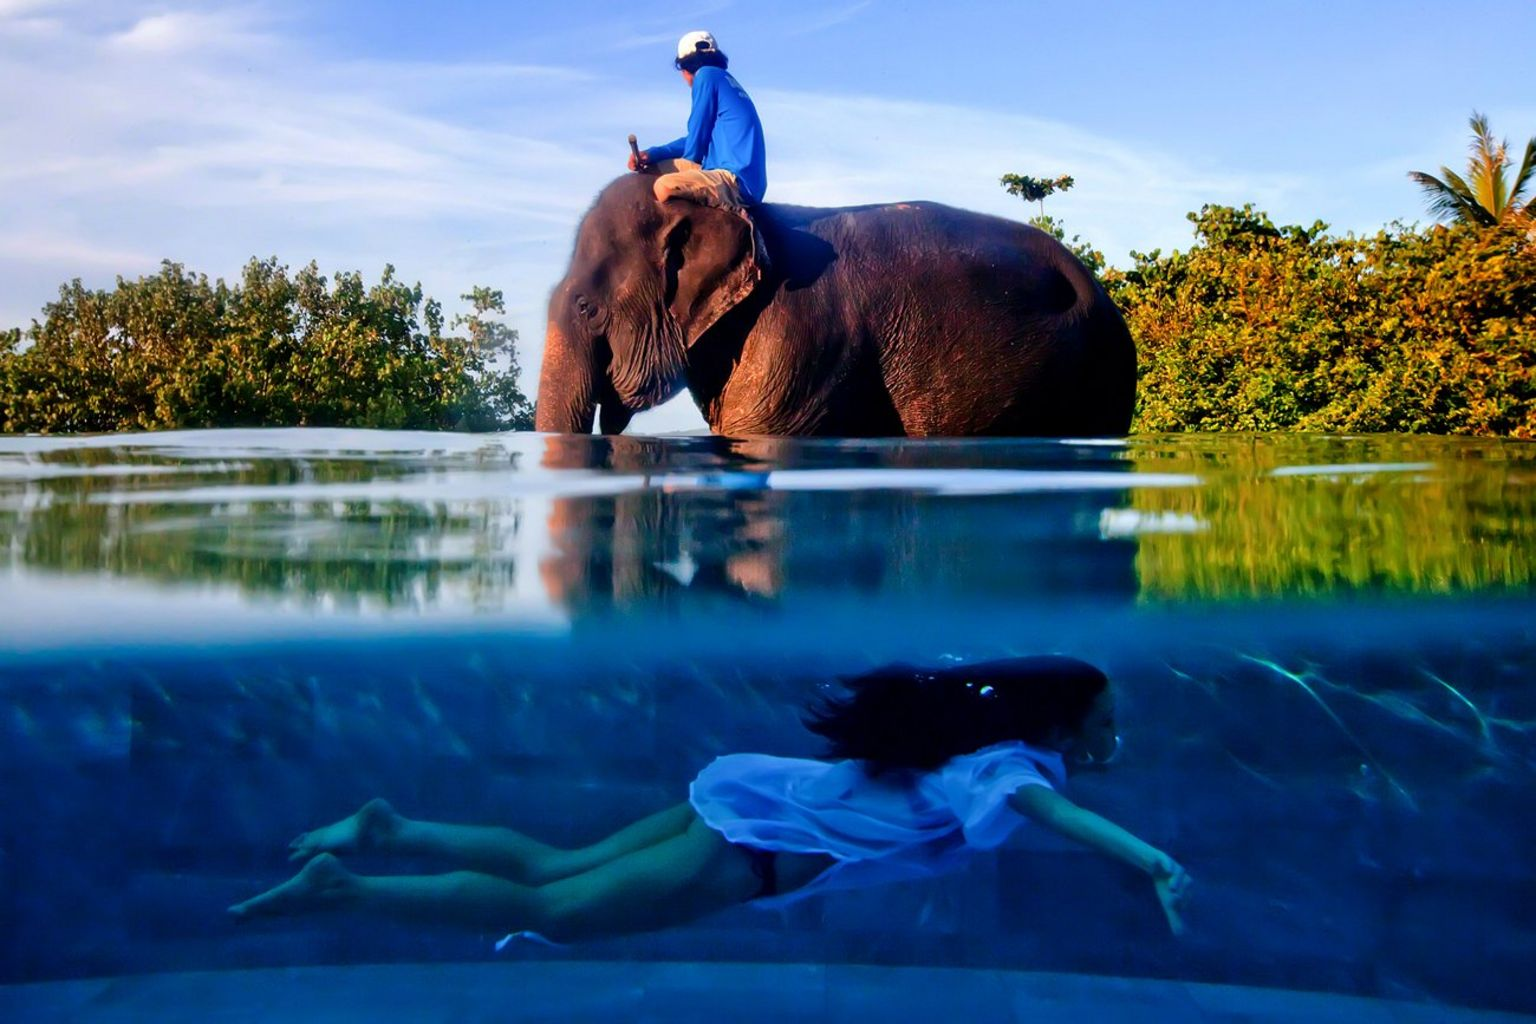 Elephant - Phuket, Thailand